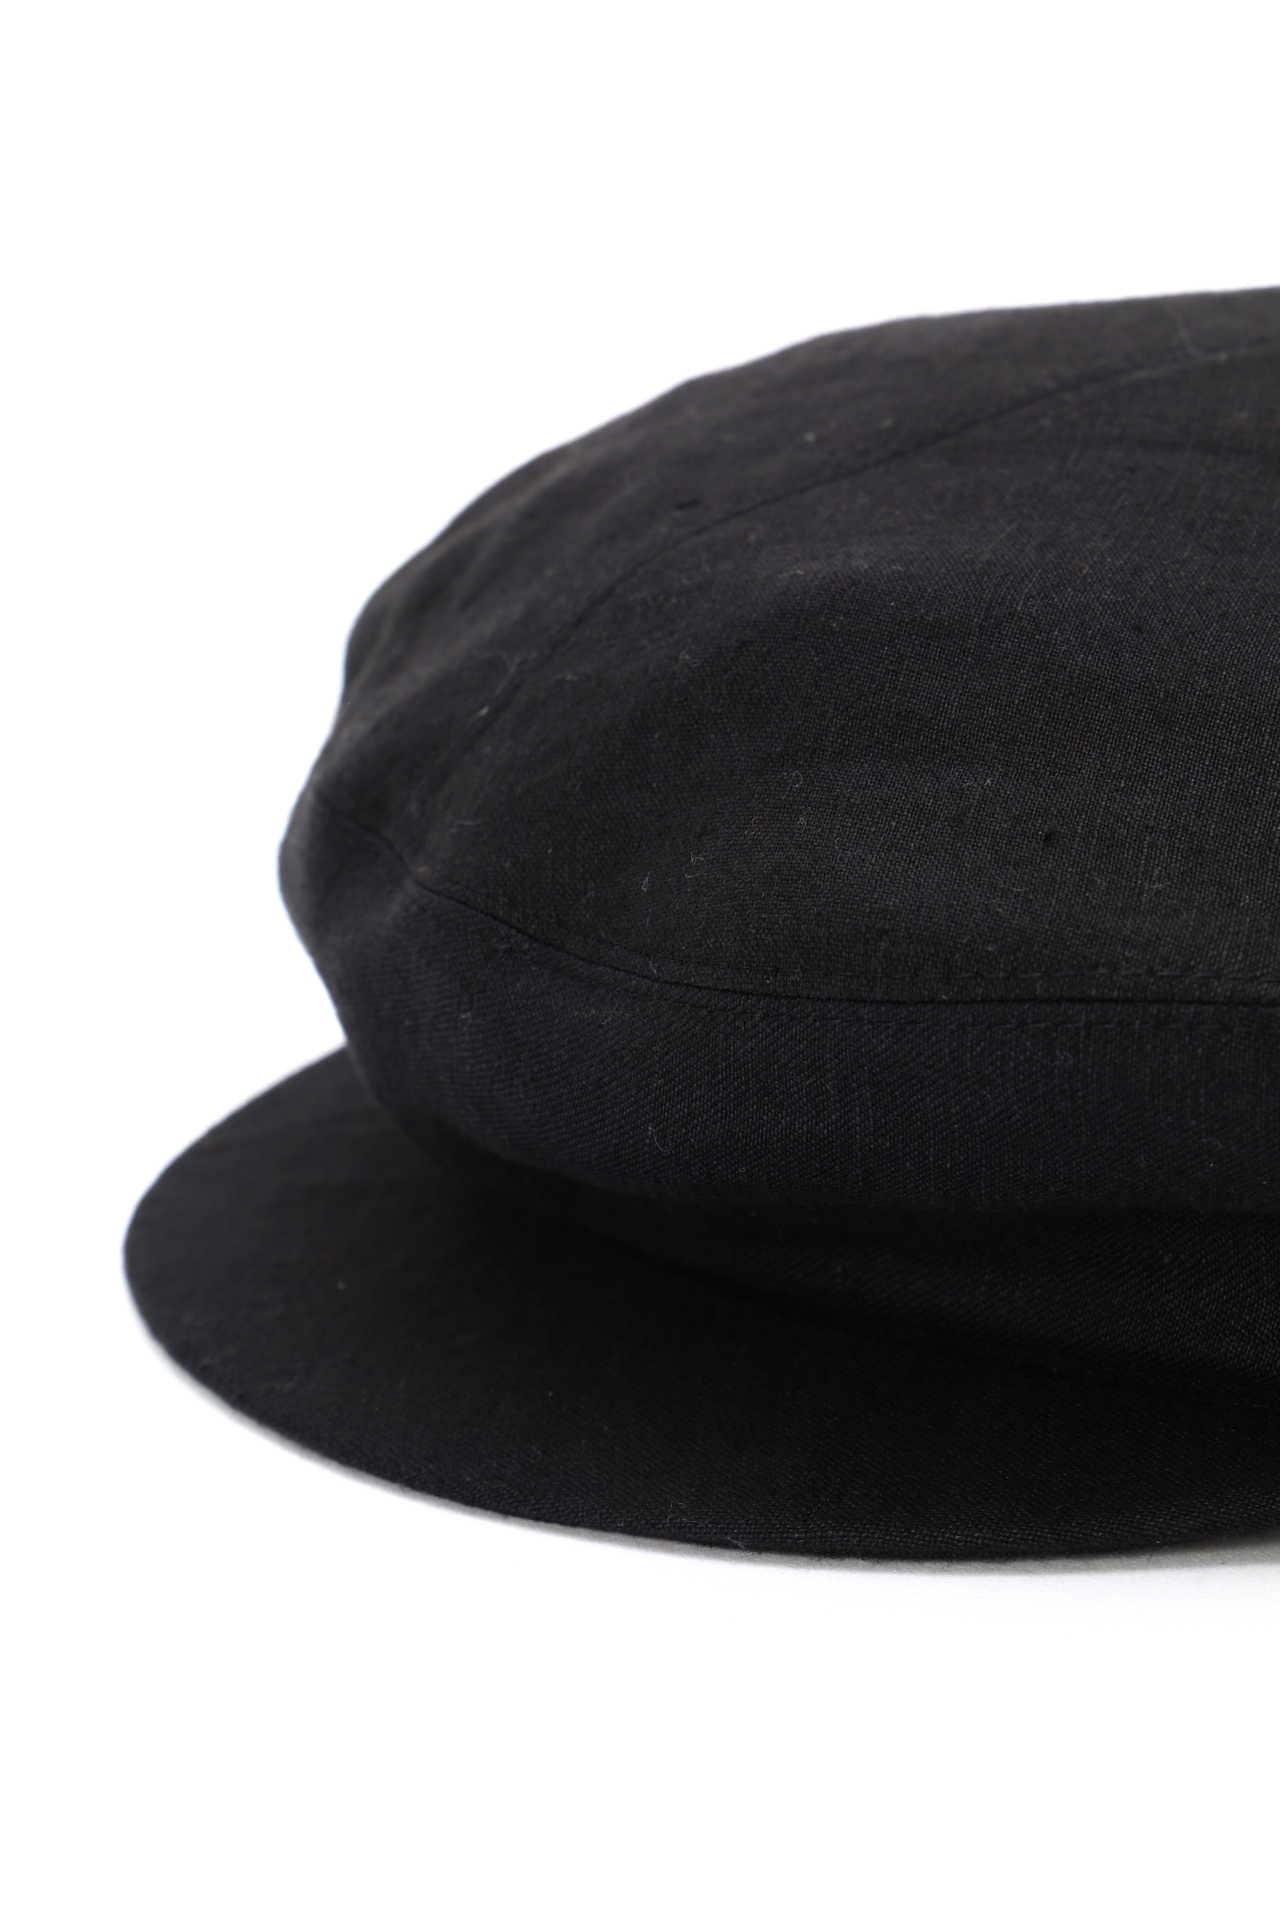 WORKER CAP3